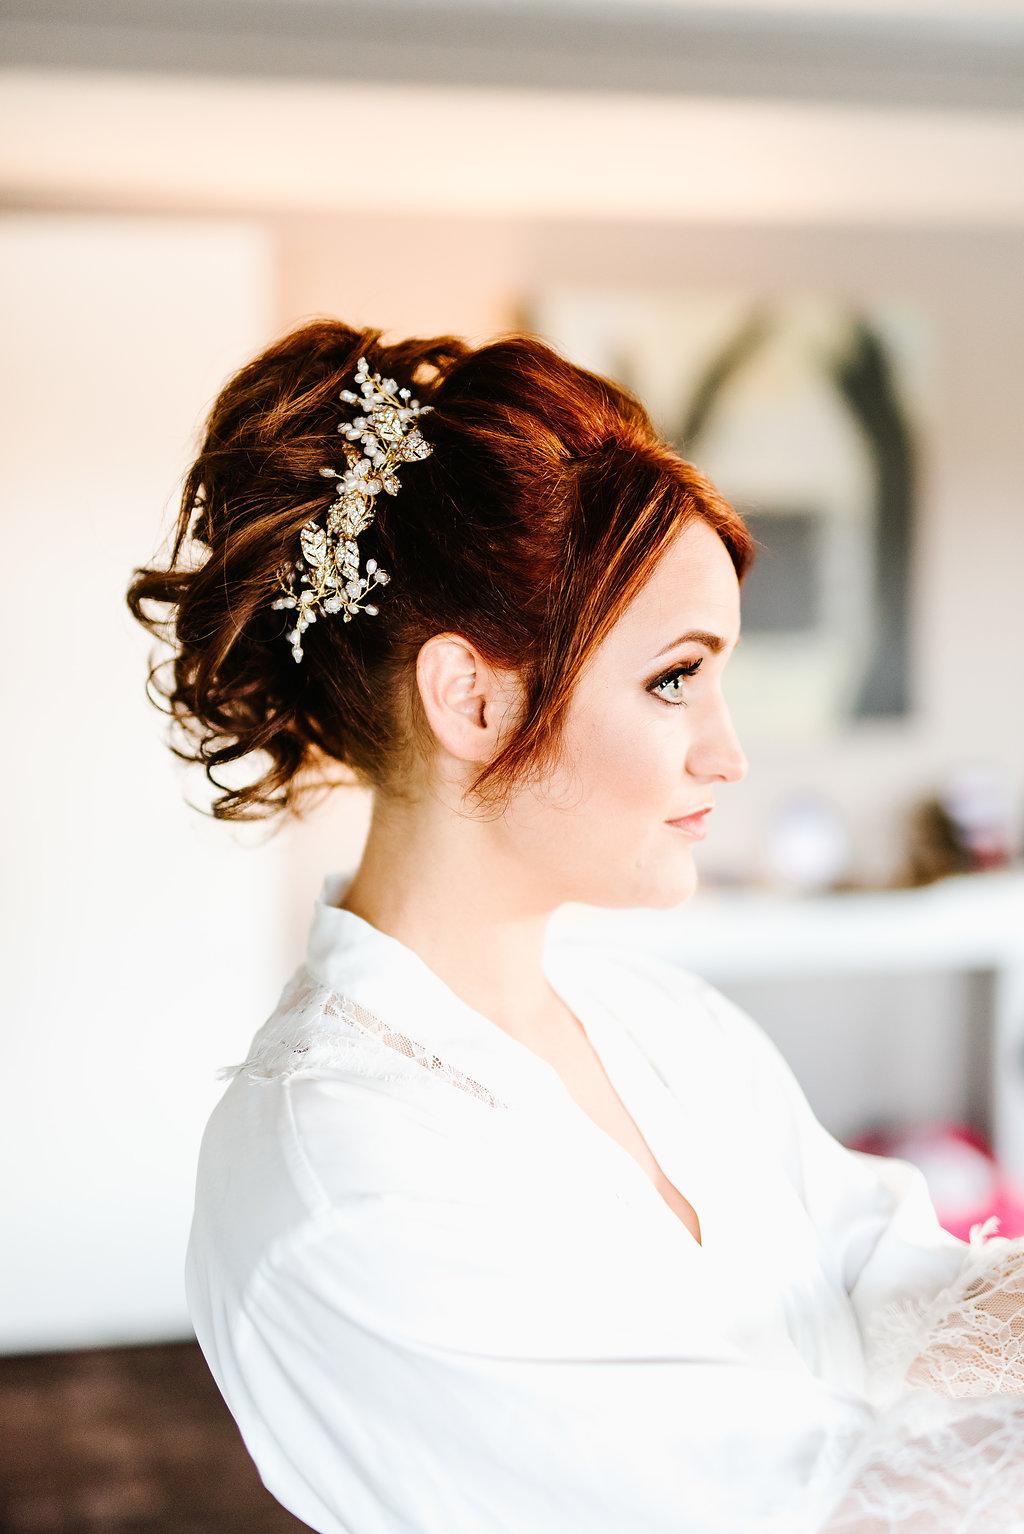 La Sorella Bridal - - Mandy Liento - NJ Bridal Hair ...